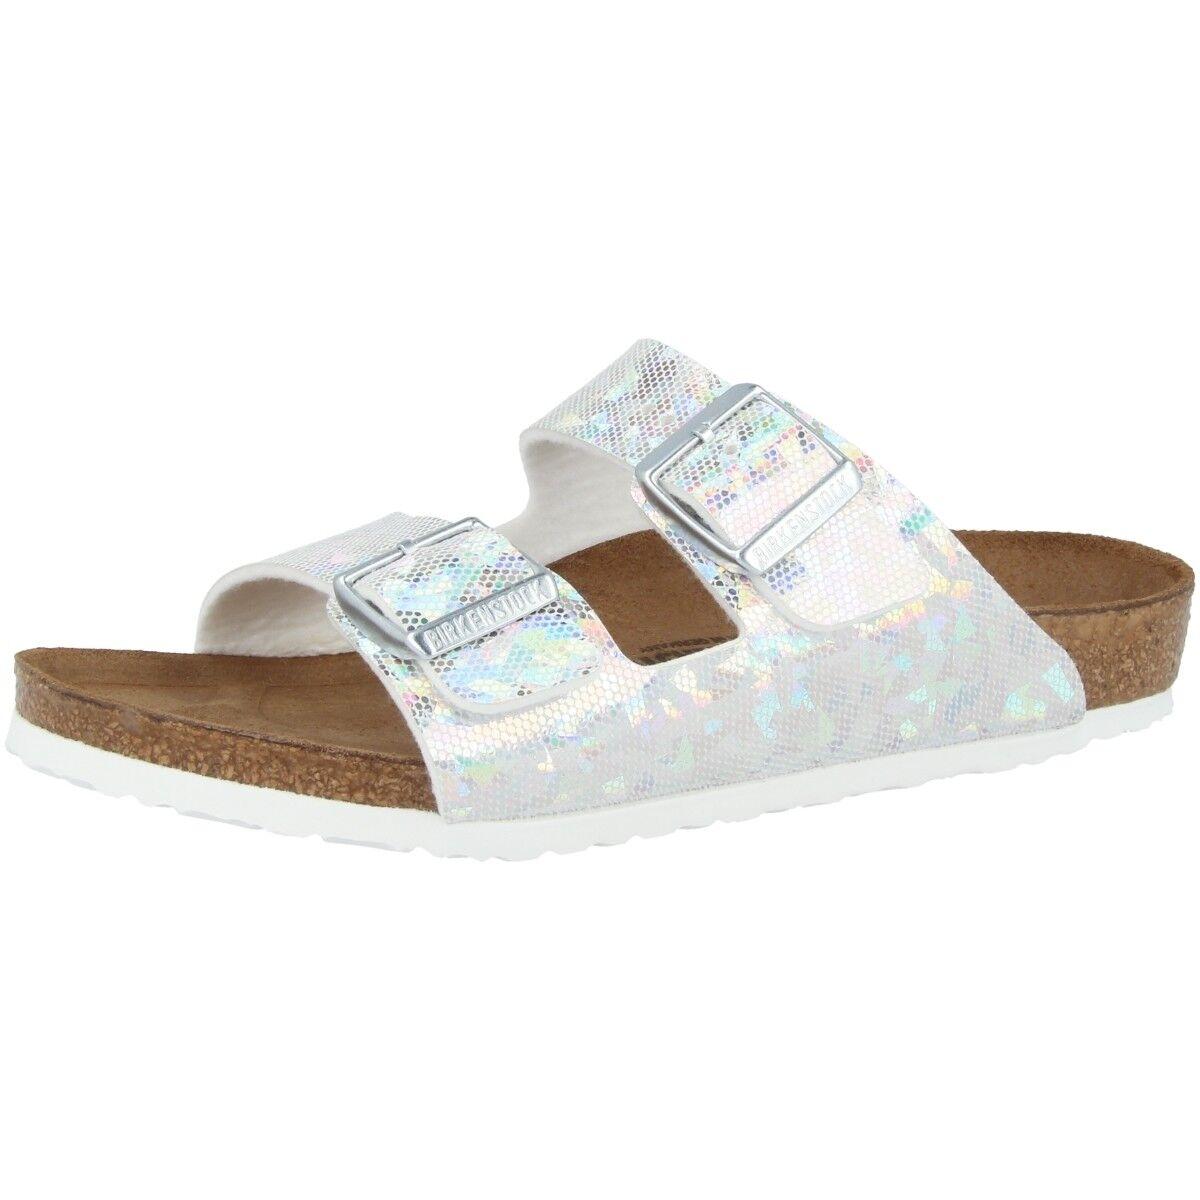 Birkenstock Arizona Kids Junior Mikrofaser Schuhe Sandalee Weite schmal 1008097